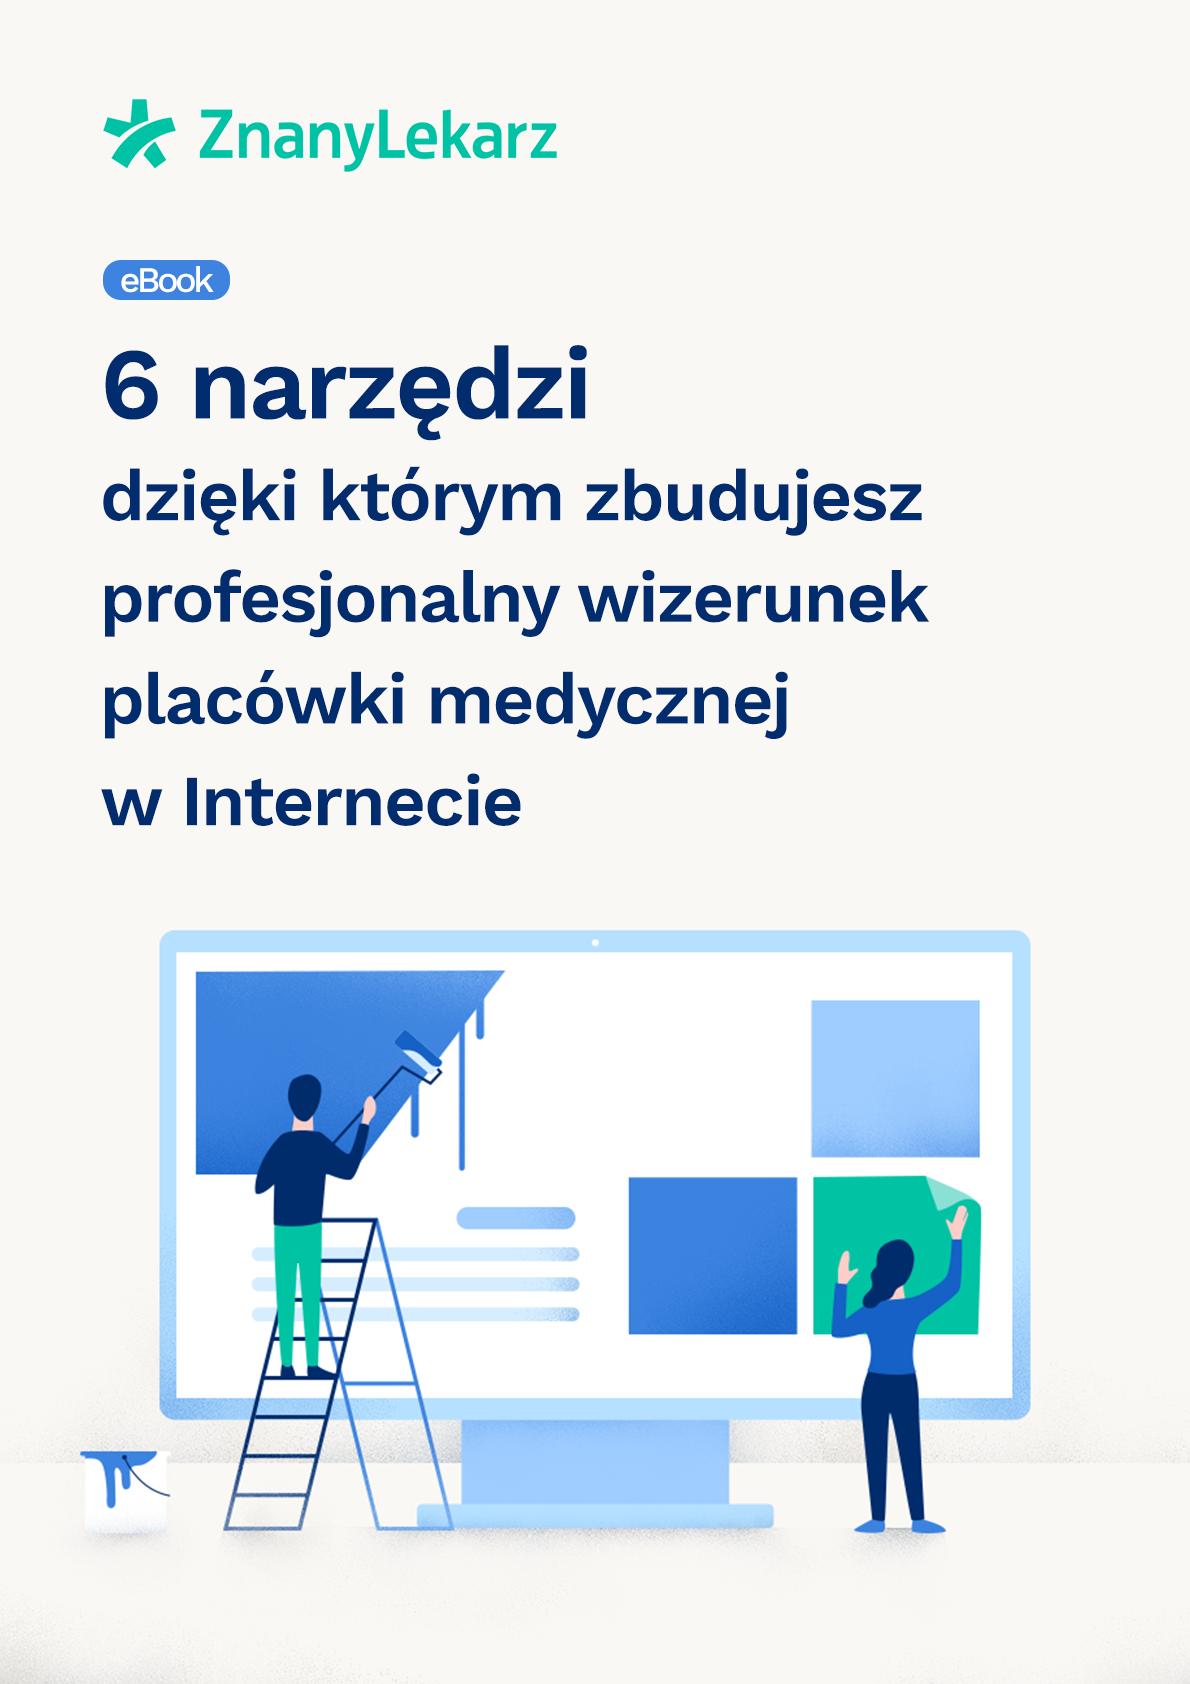 pl-ebook-cover-6-narzedz-dzieki-ktorym-zbudujesz-profesjonalny-wizerunek-placówki-medycznej-w-internecie